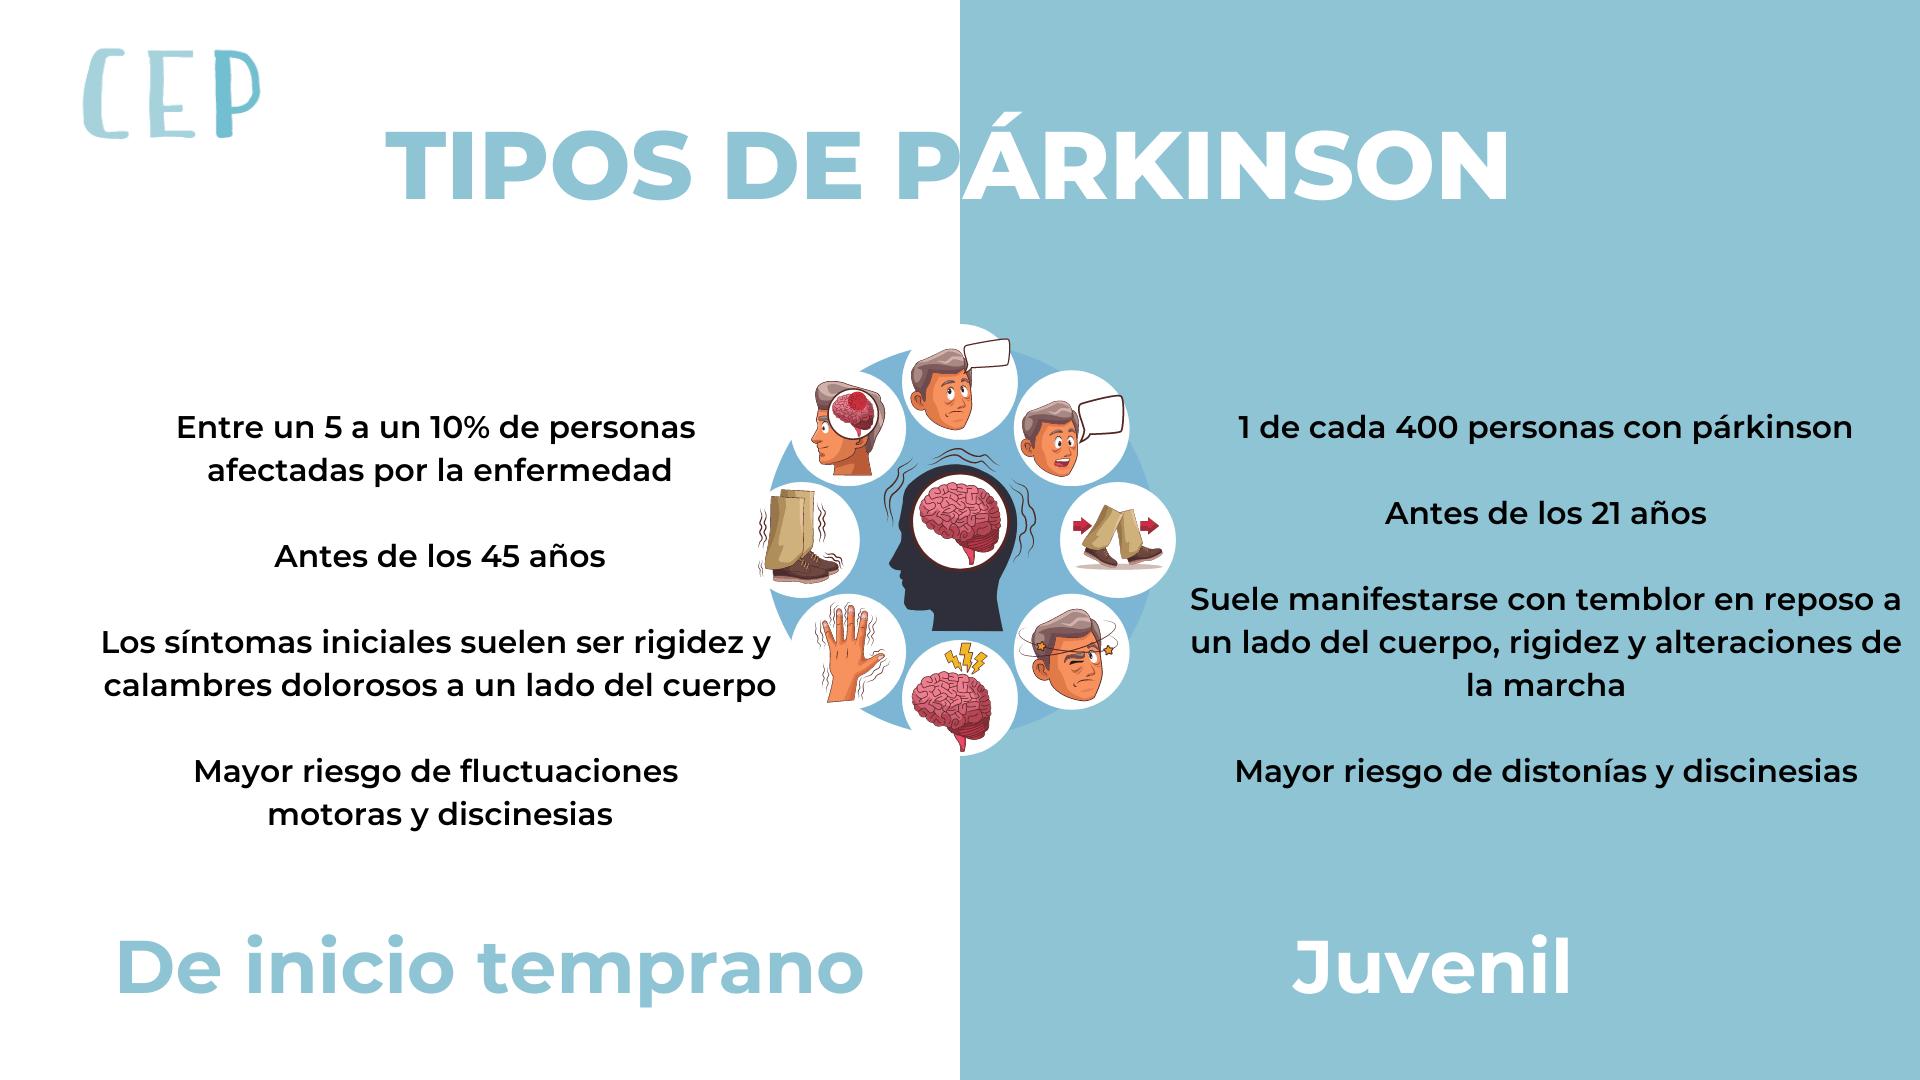 Infografía de párkinson temprano y juvenil